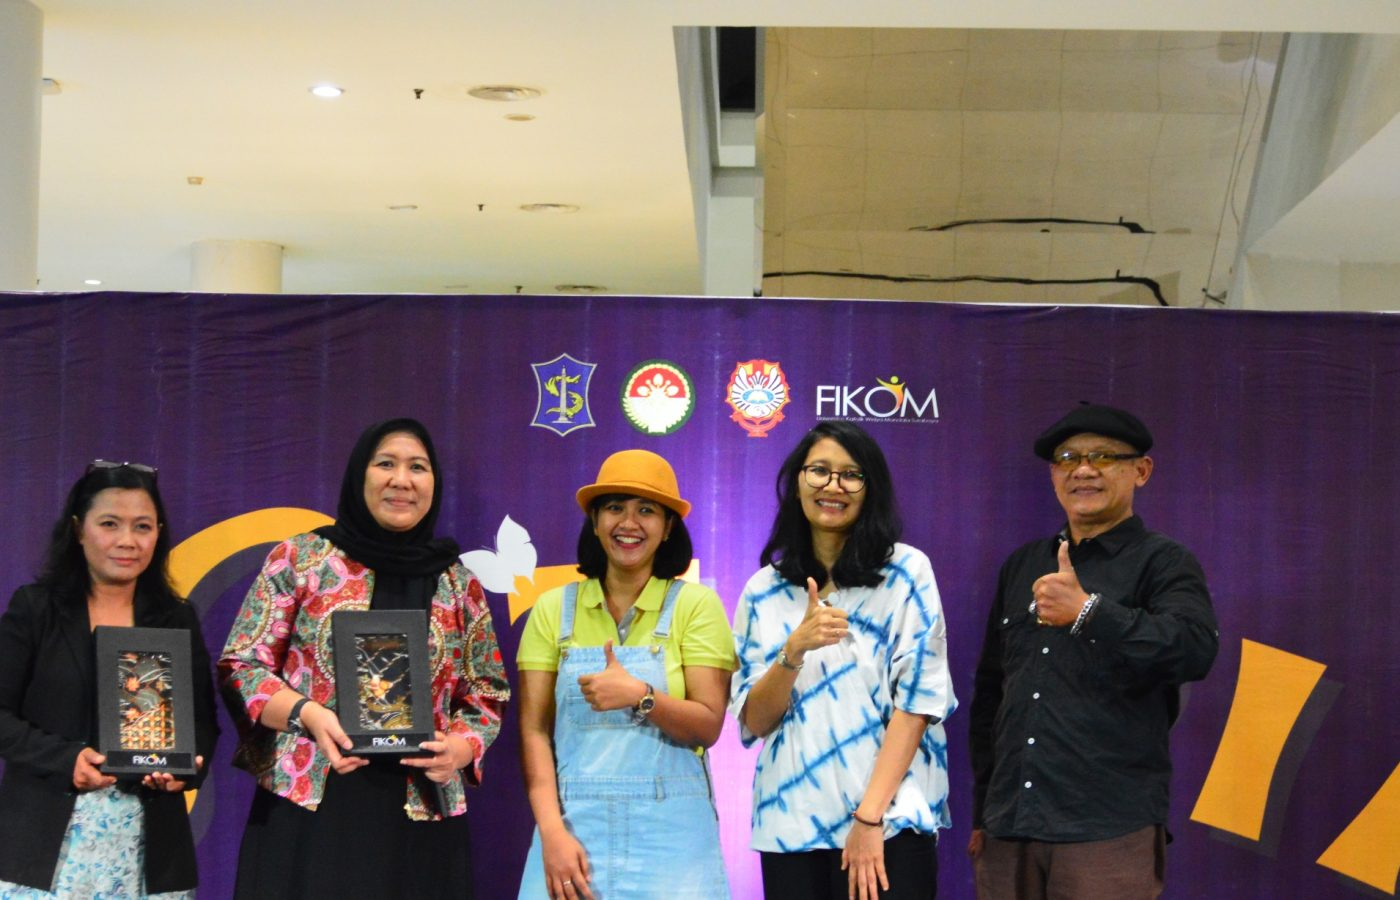 Perwakilan Fikom UKWMS dengan perwakilan Kumpul Dongeng Surabaya dan Ketua Darma Wanita Persatuan Kota Surabaya berfoto bersama usai pemberian cenderamata